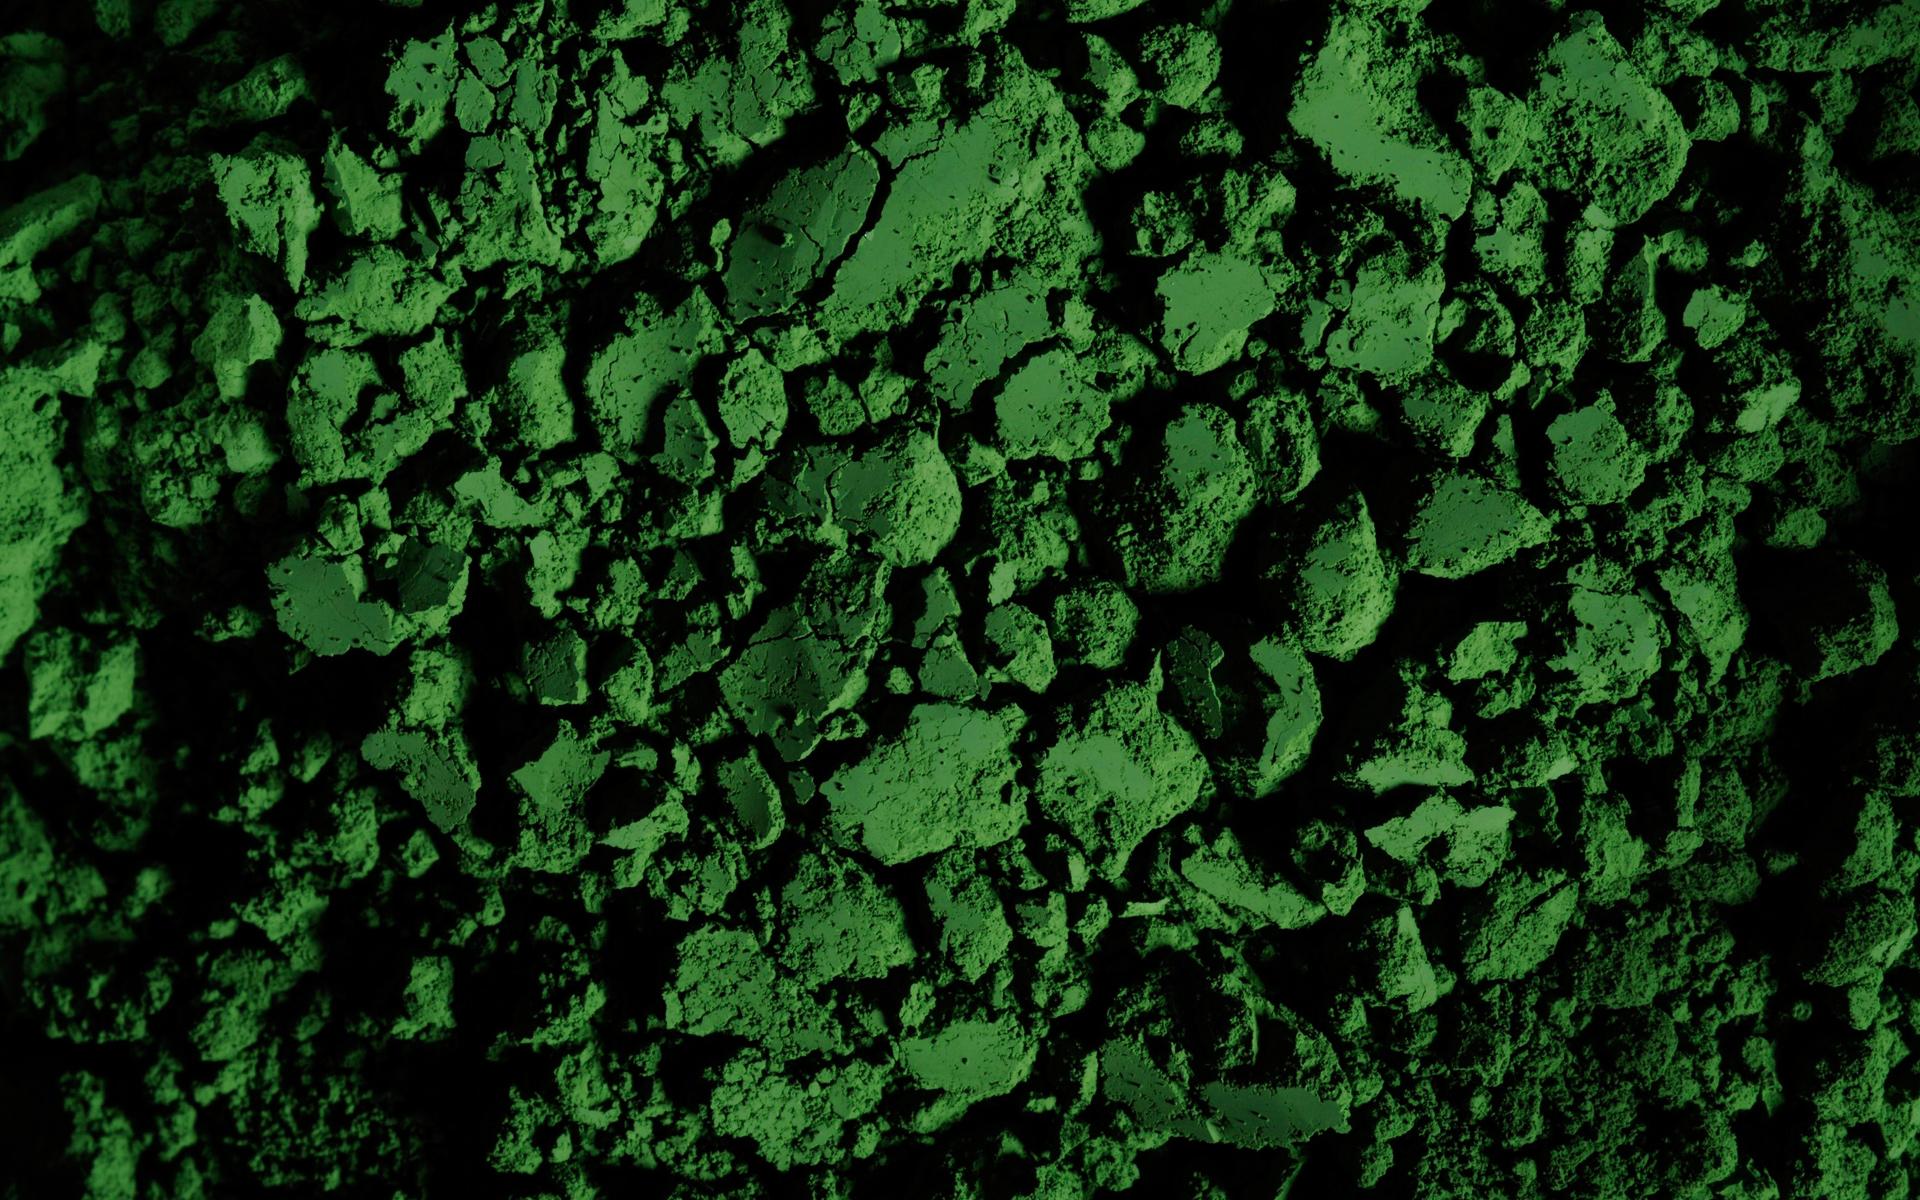 Polierpasten auf Chromoxid-Basis weisen einen grünen Farbton auf.